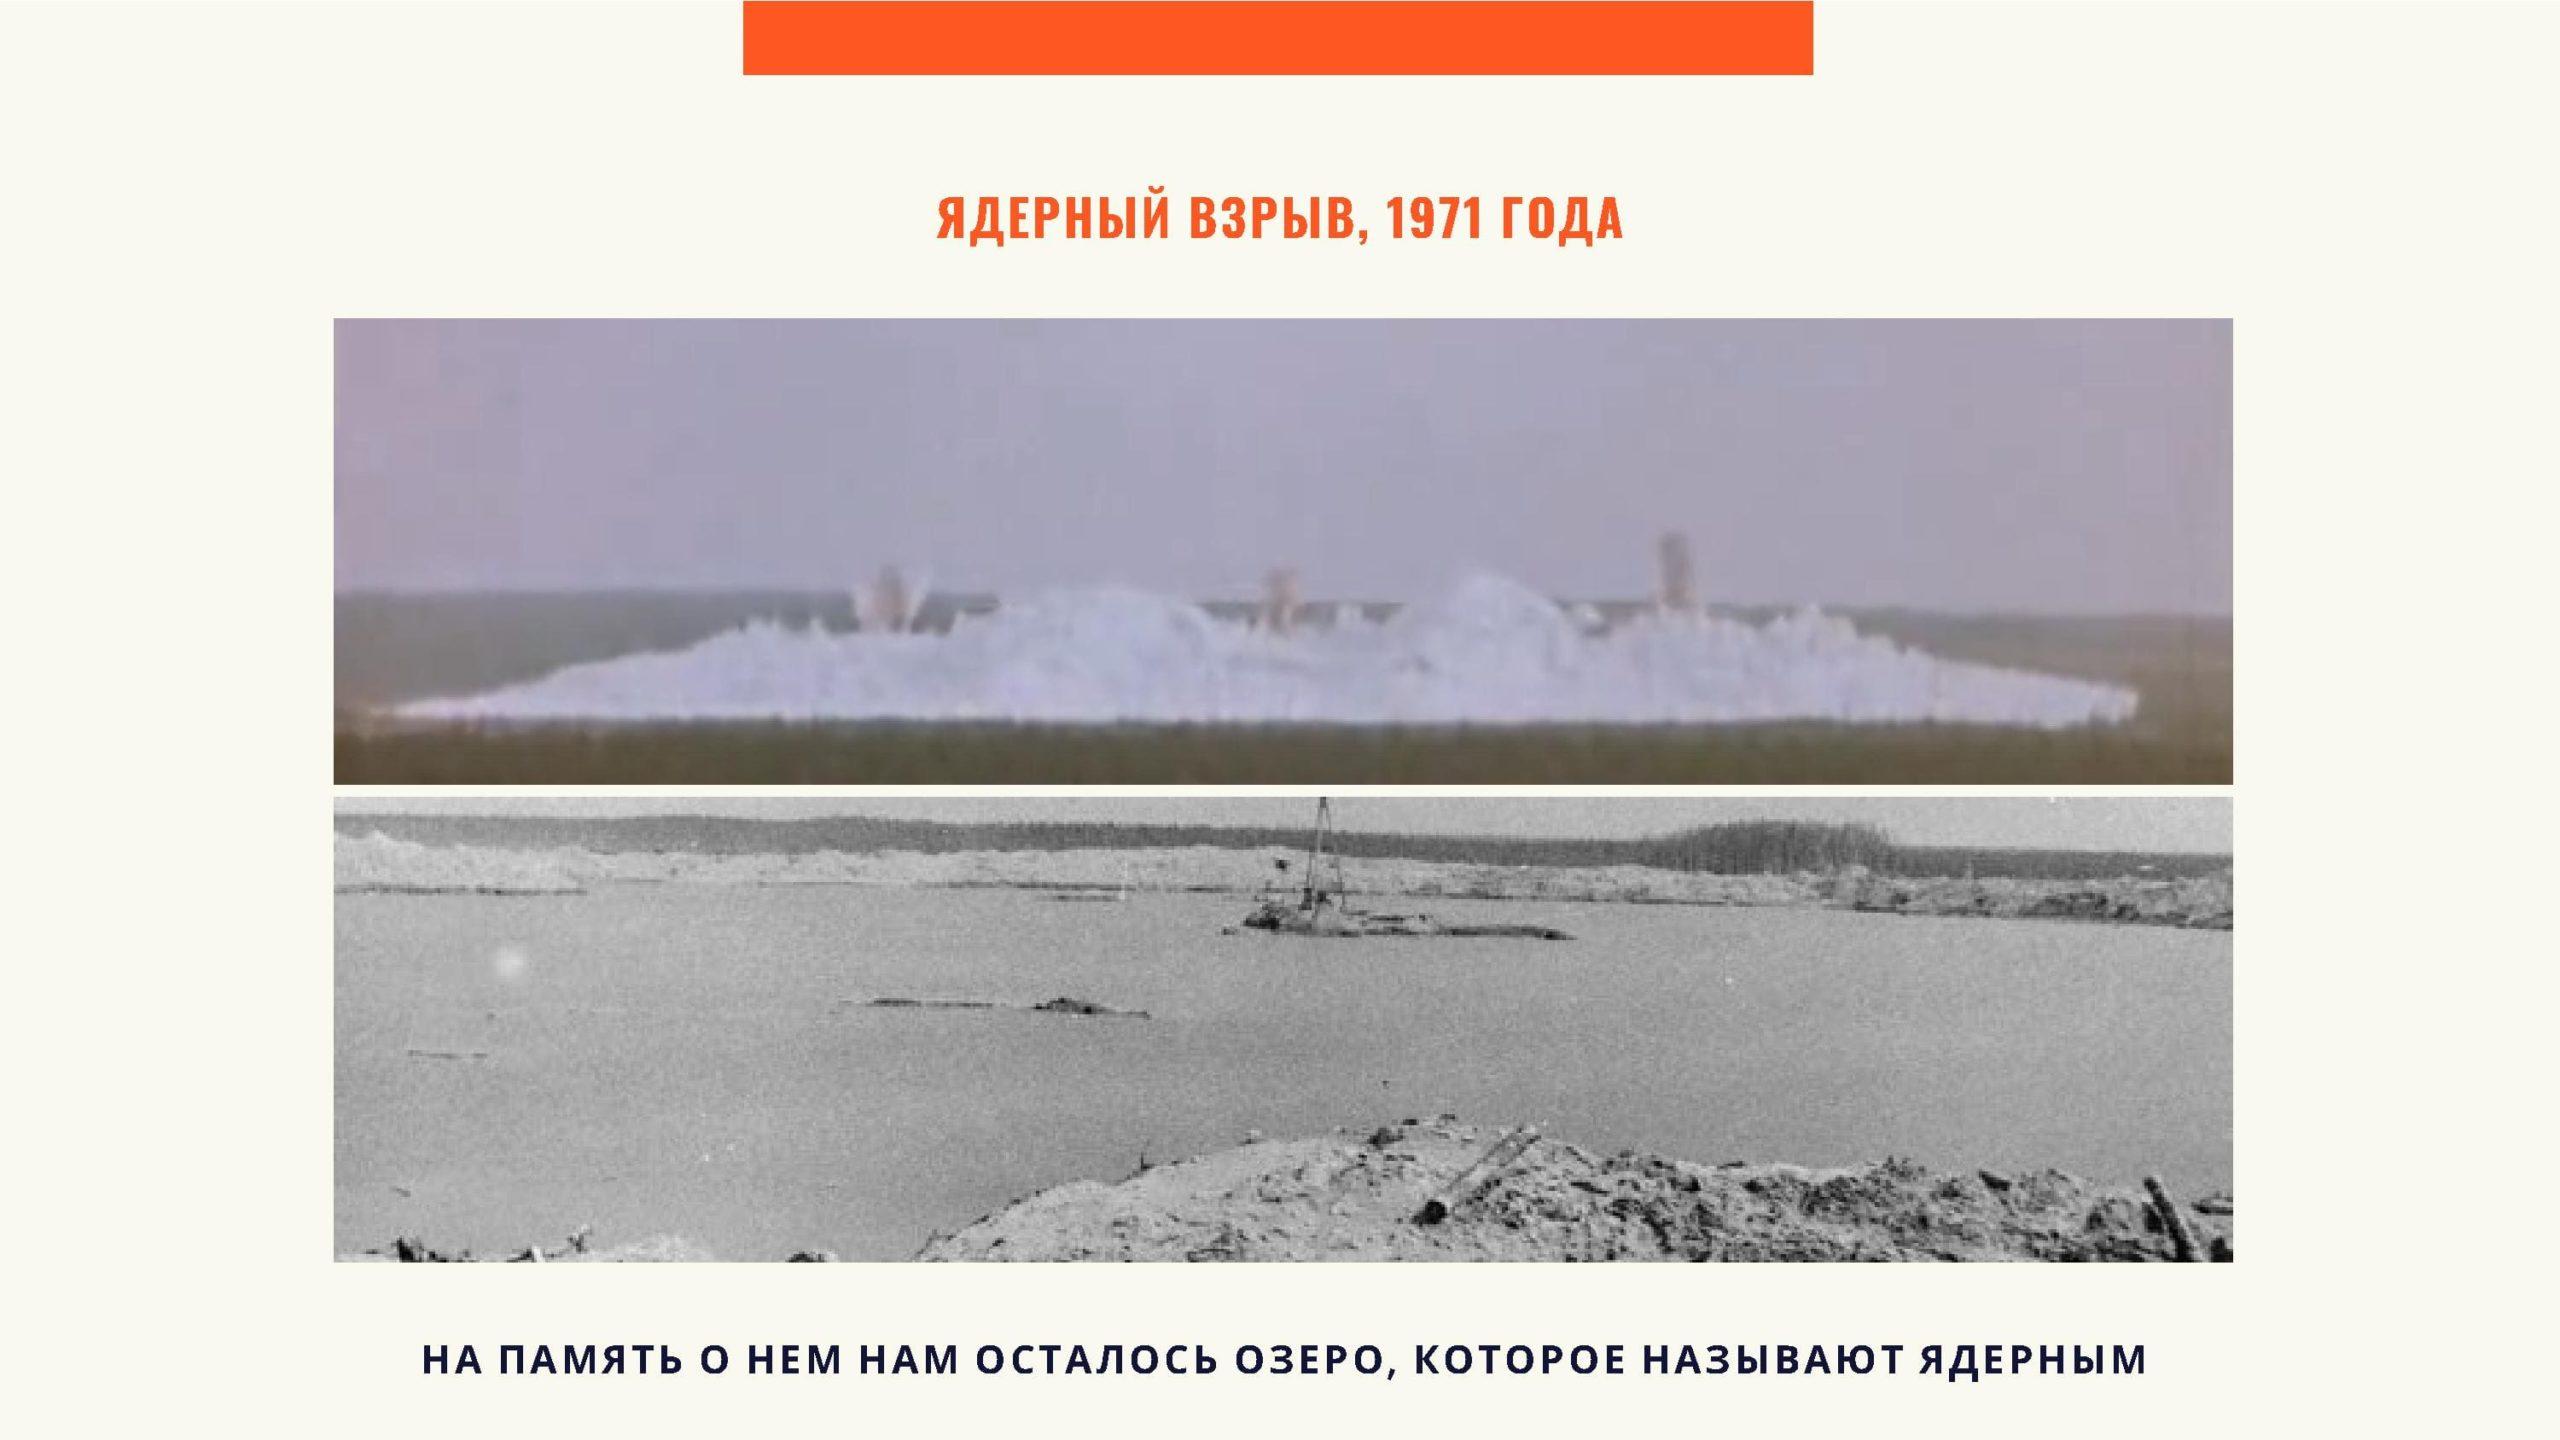 Ядерный взрыв, 1971 года